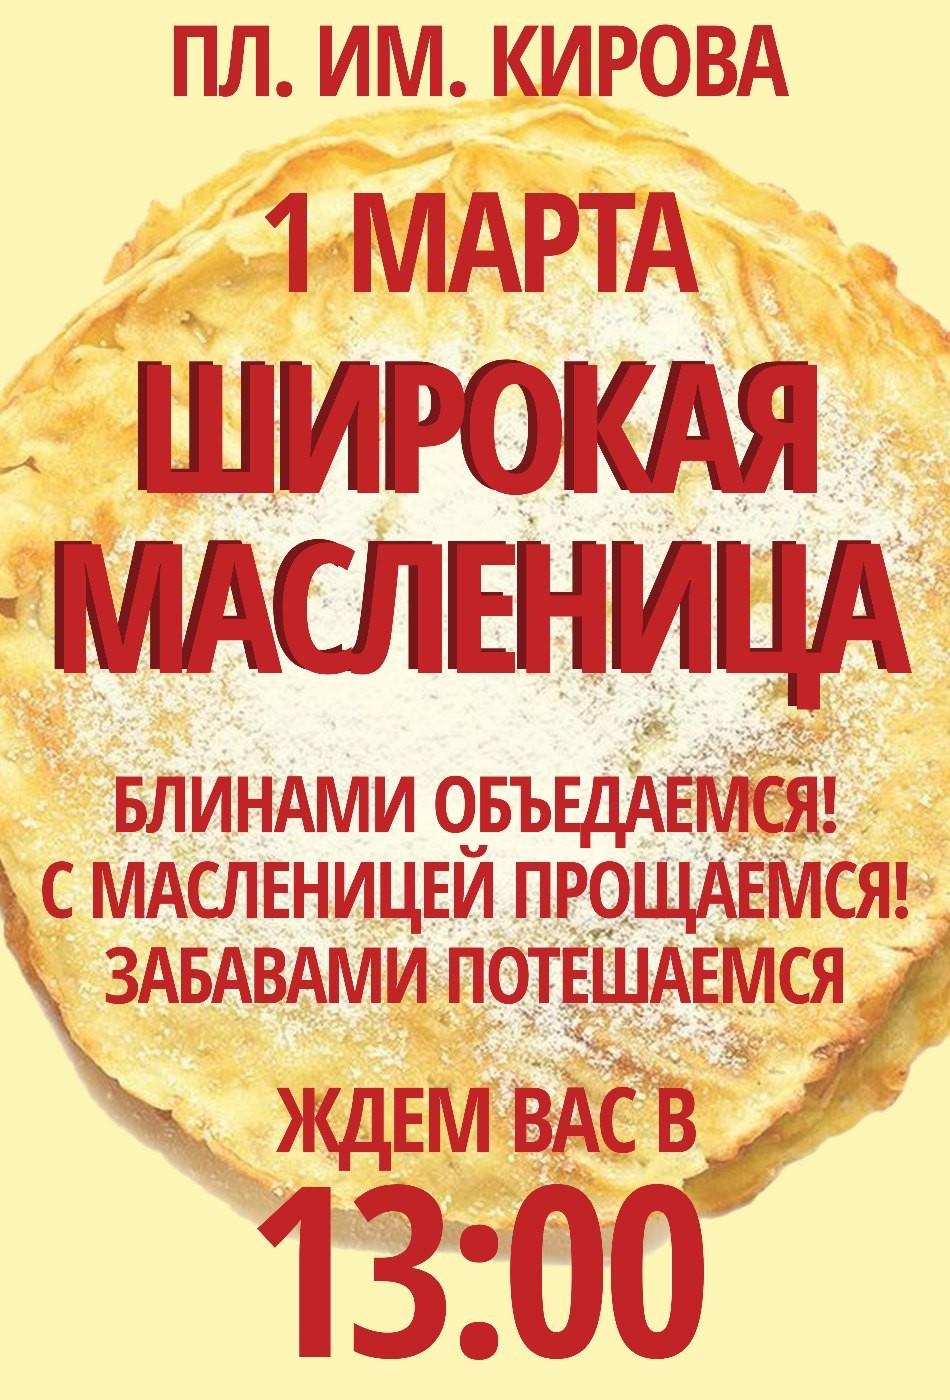 ШИРОКАЯ МАСЛЕНИЦА.